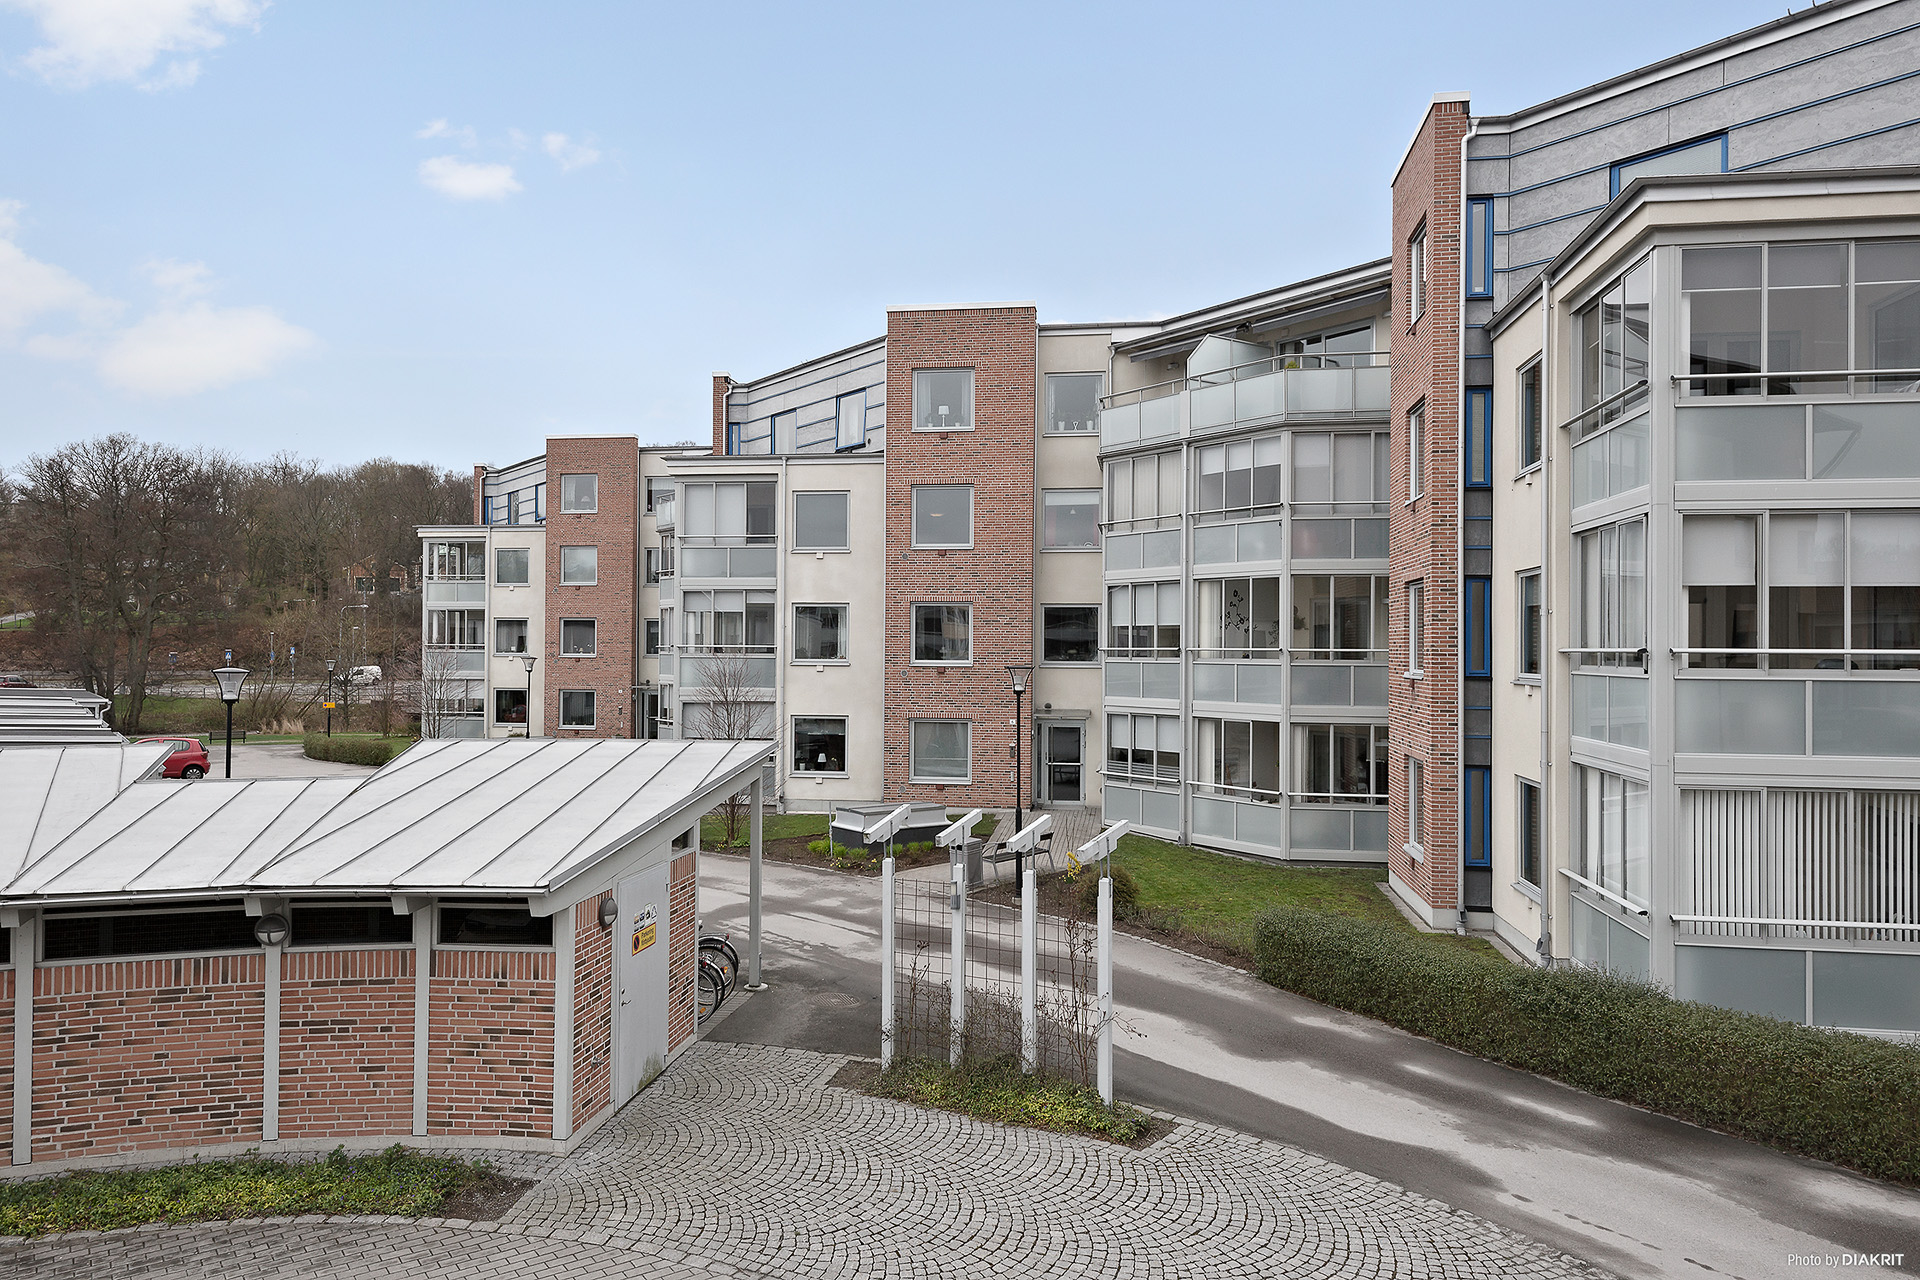 Brf Garvaregården i Karlshamn (tidigare Bryggeritomten)